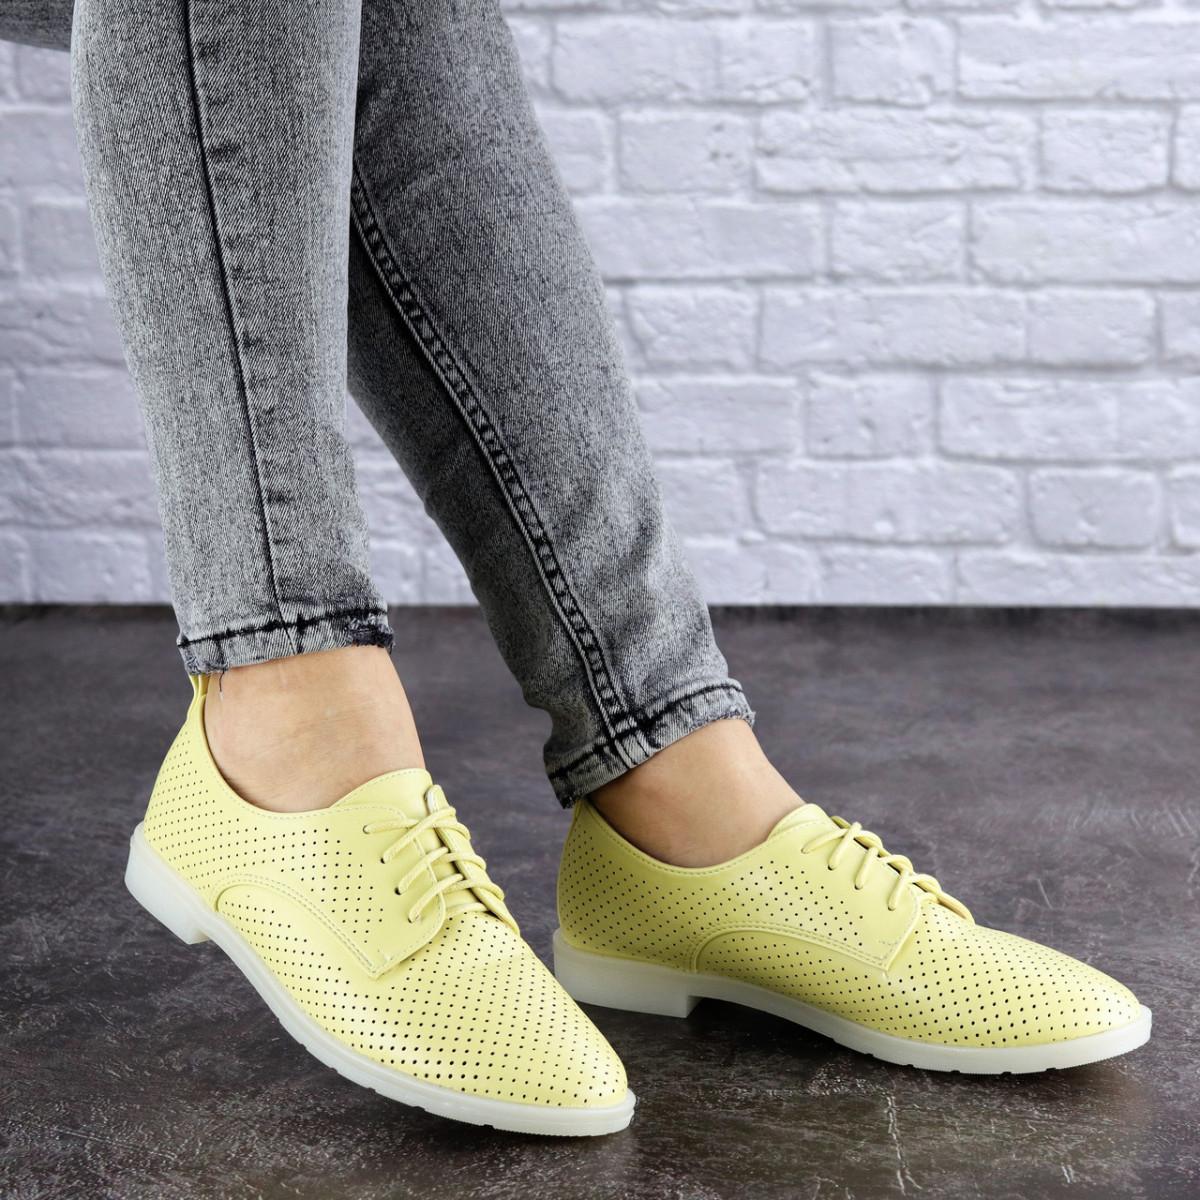 Женские желтые туфли Lippy 1772